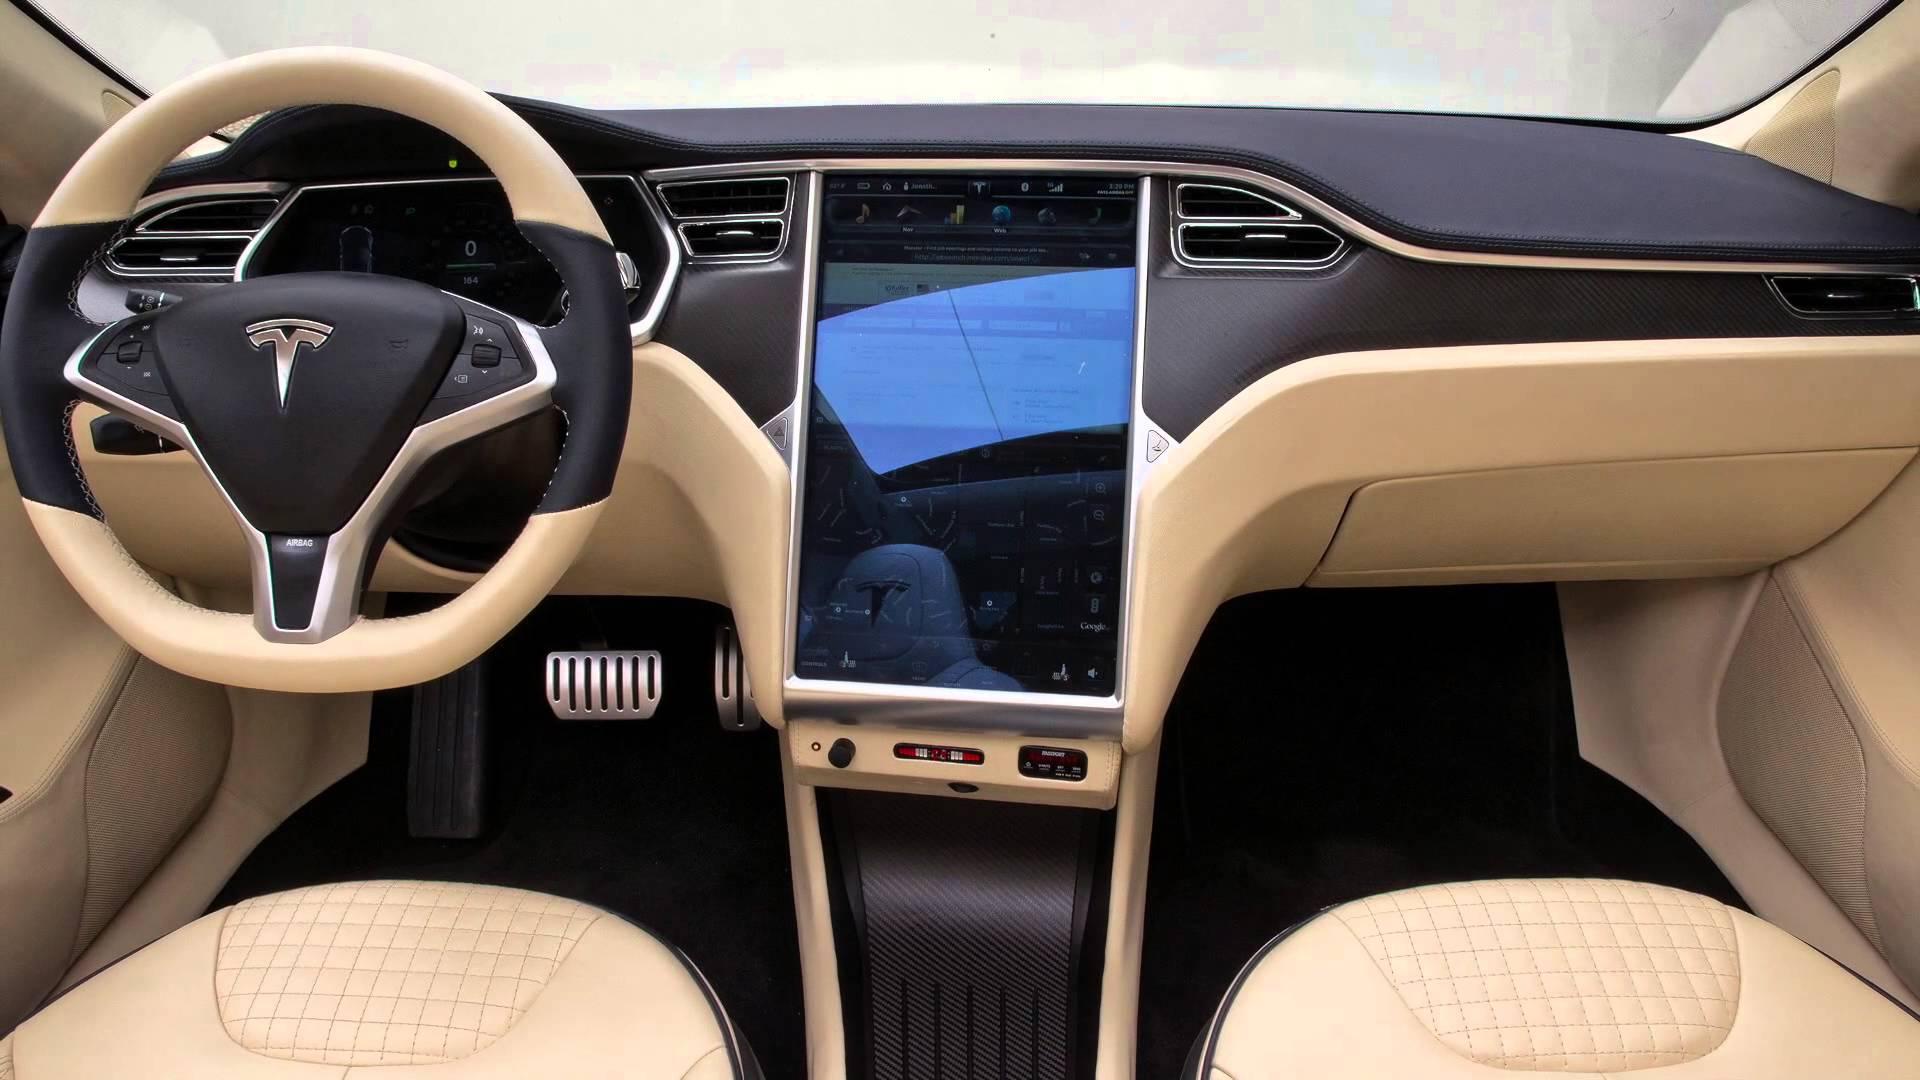 Тесла Модель Х 2016, Привет всем любителям авто, акпп ...